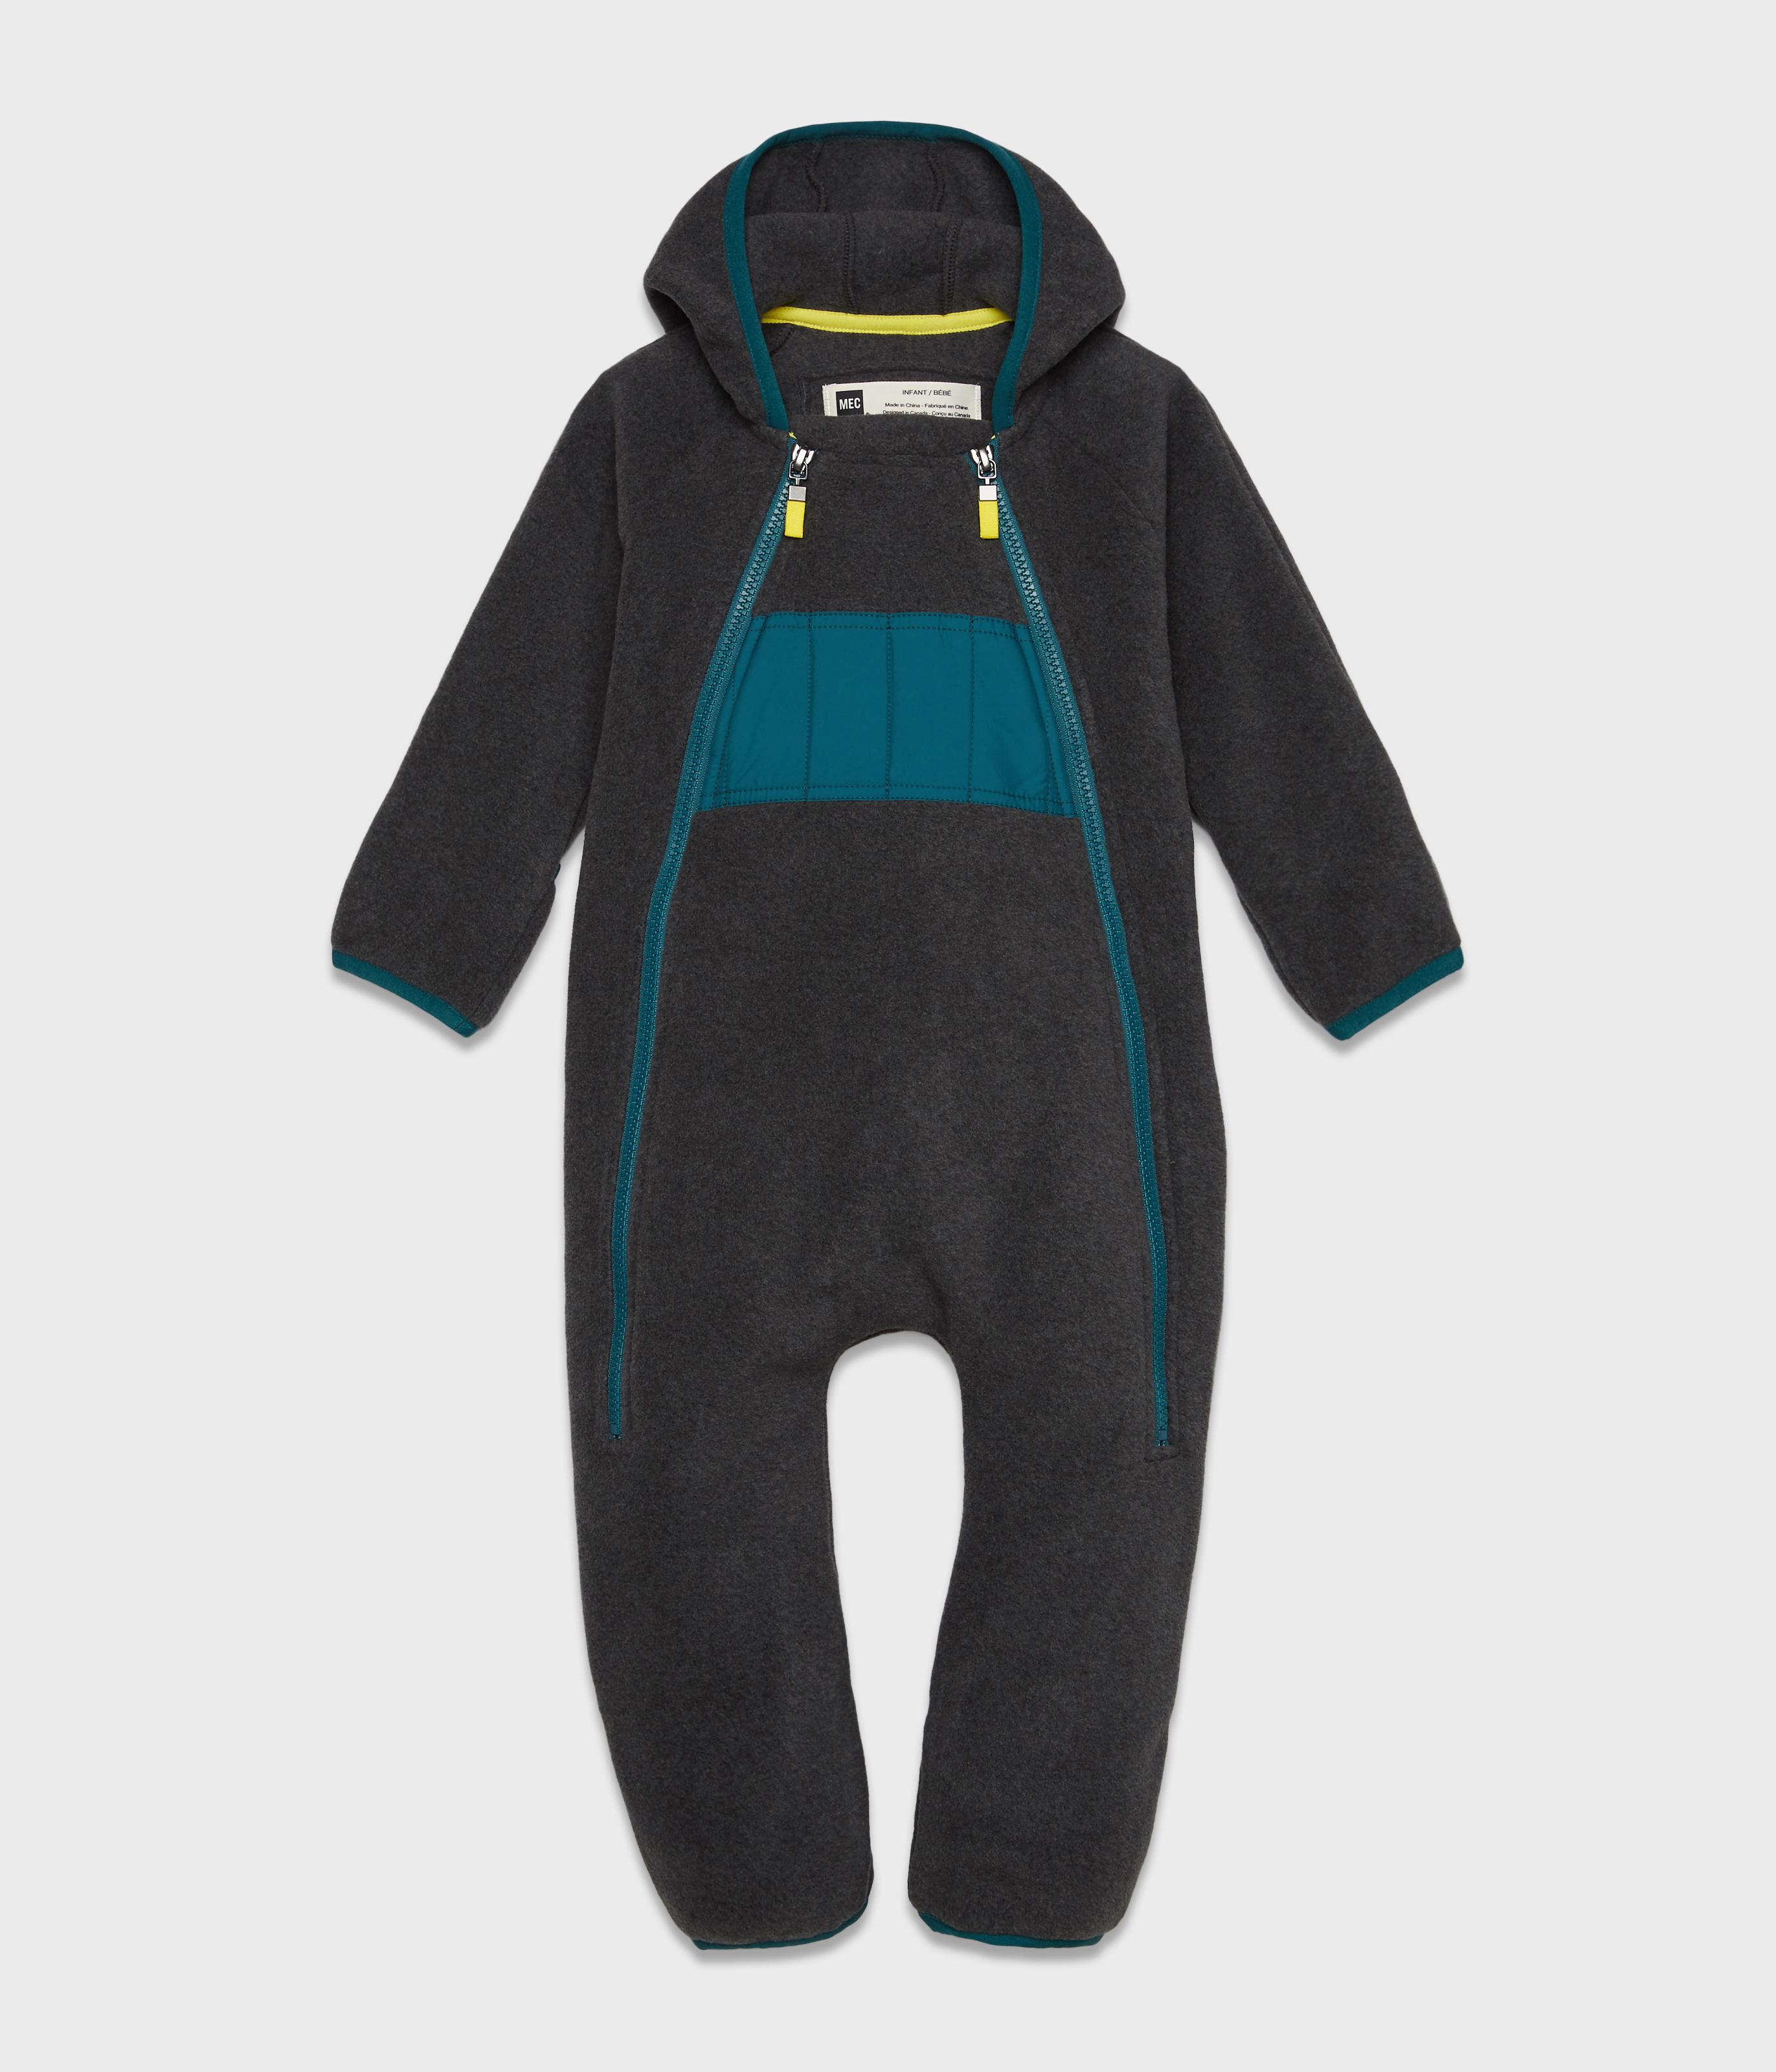 6d589629b6 MEC Ursus Bunting Suit - Infants